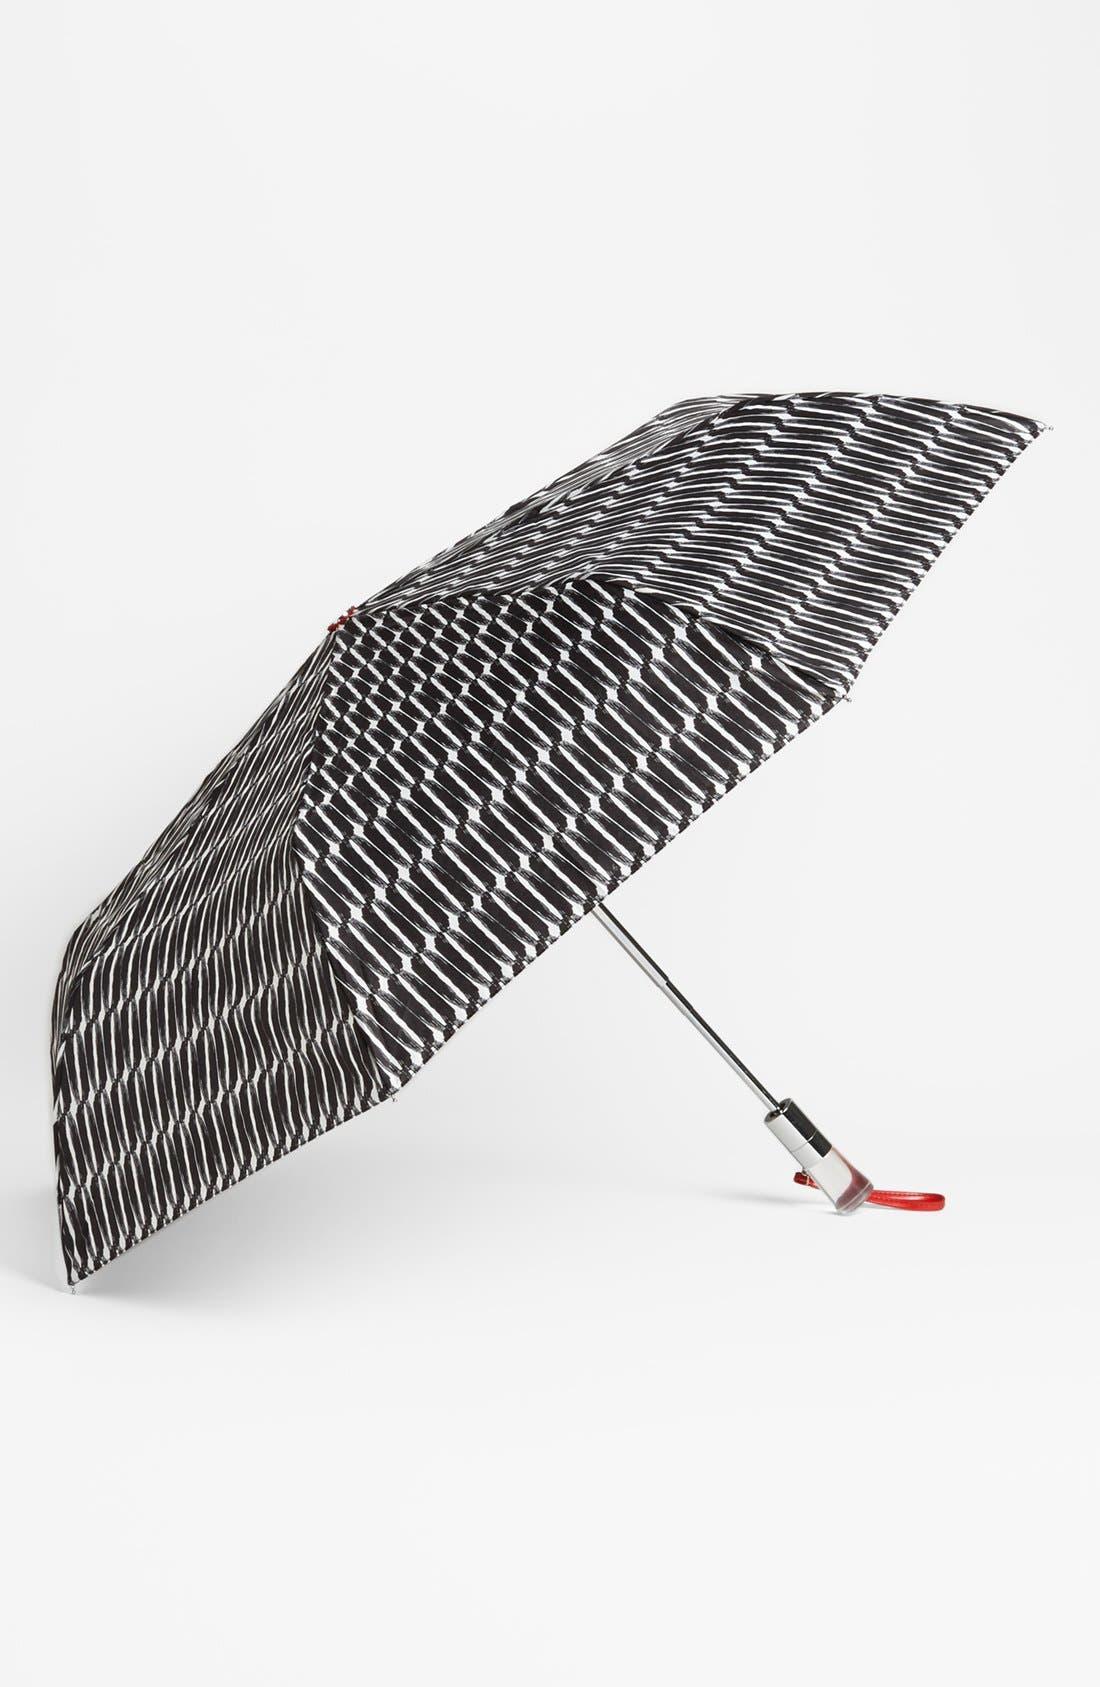 Main Image - ShedRain Auto Open & Close Umbrella